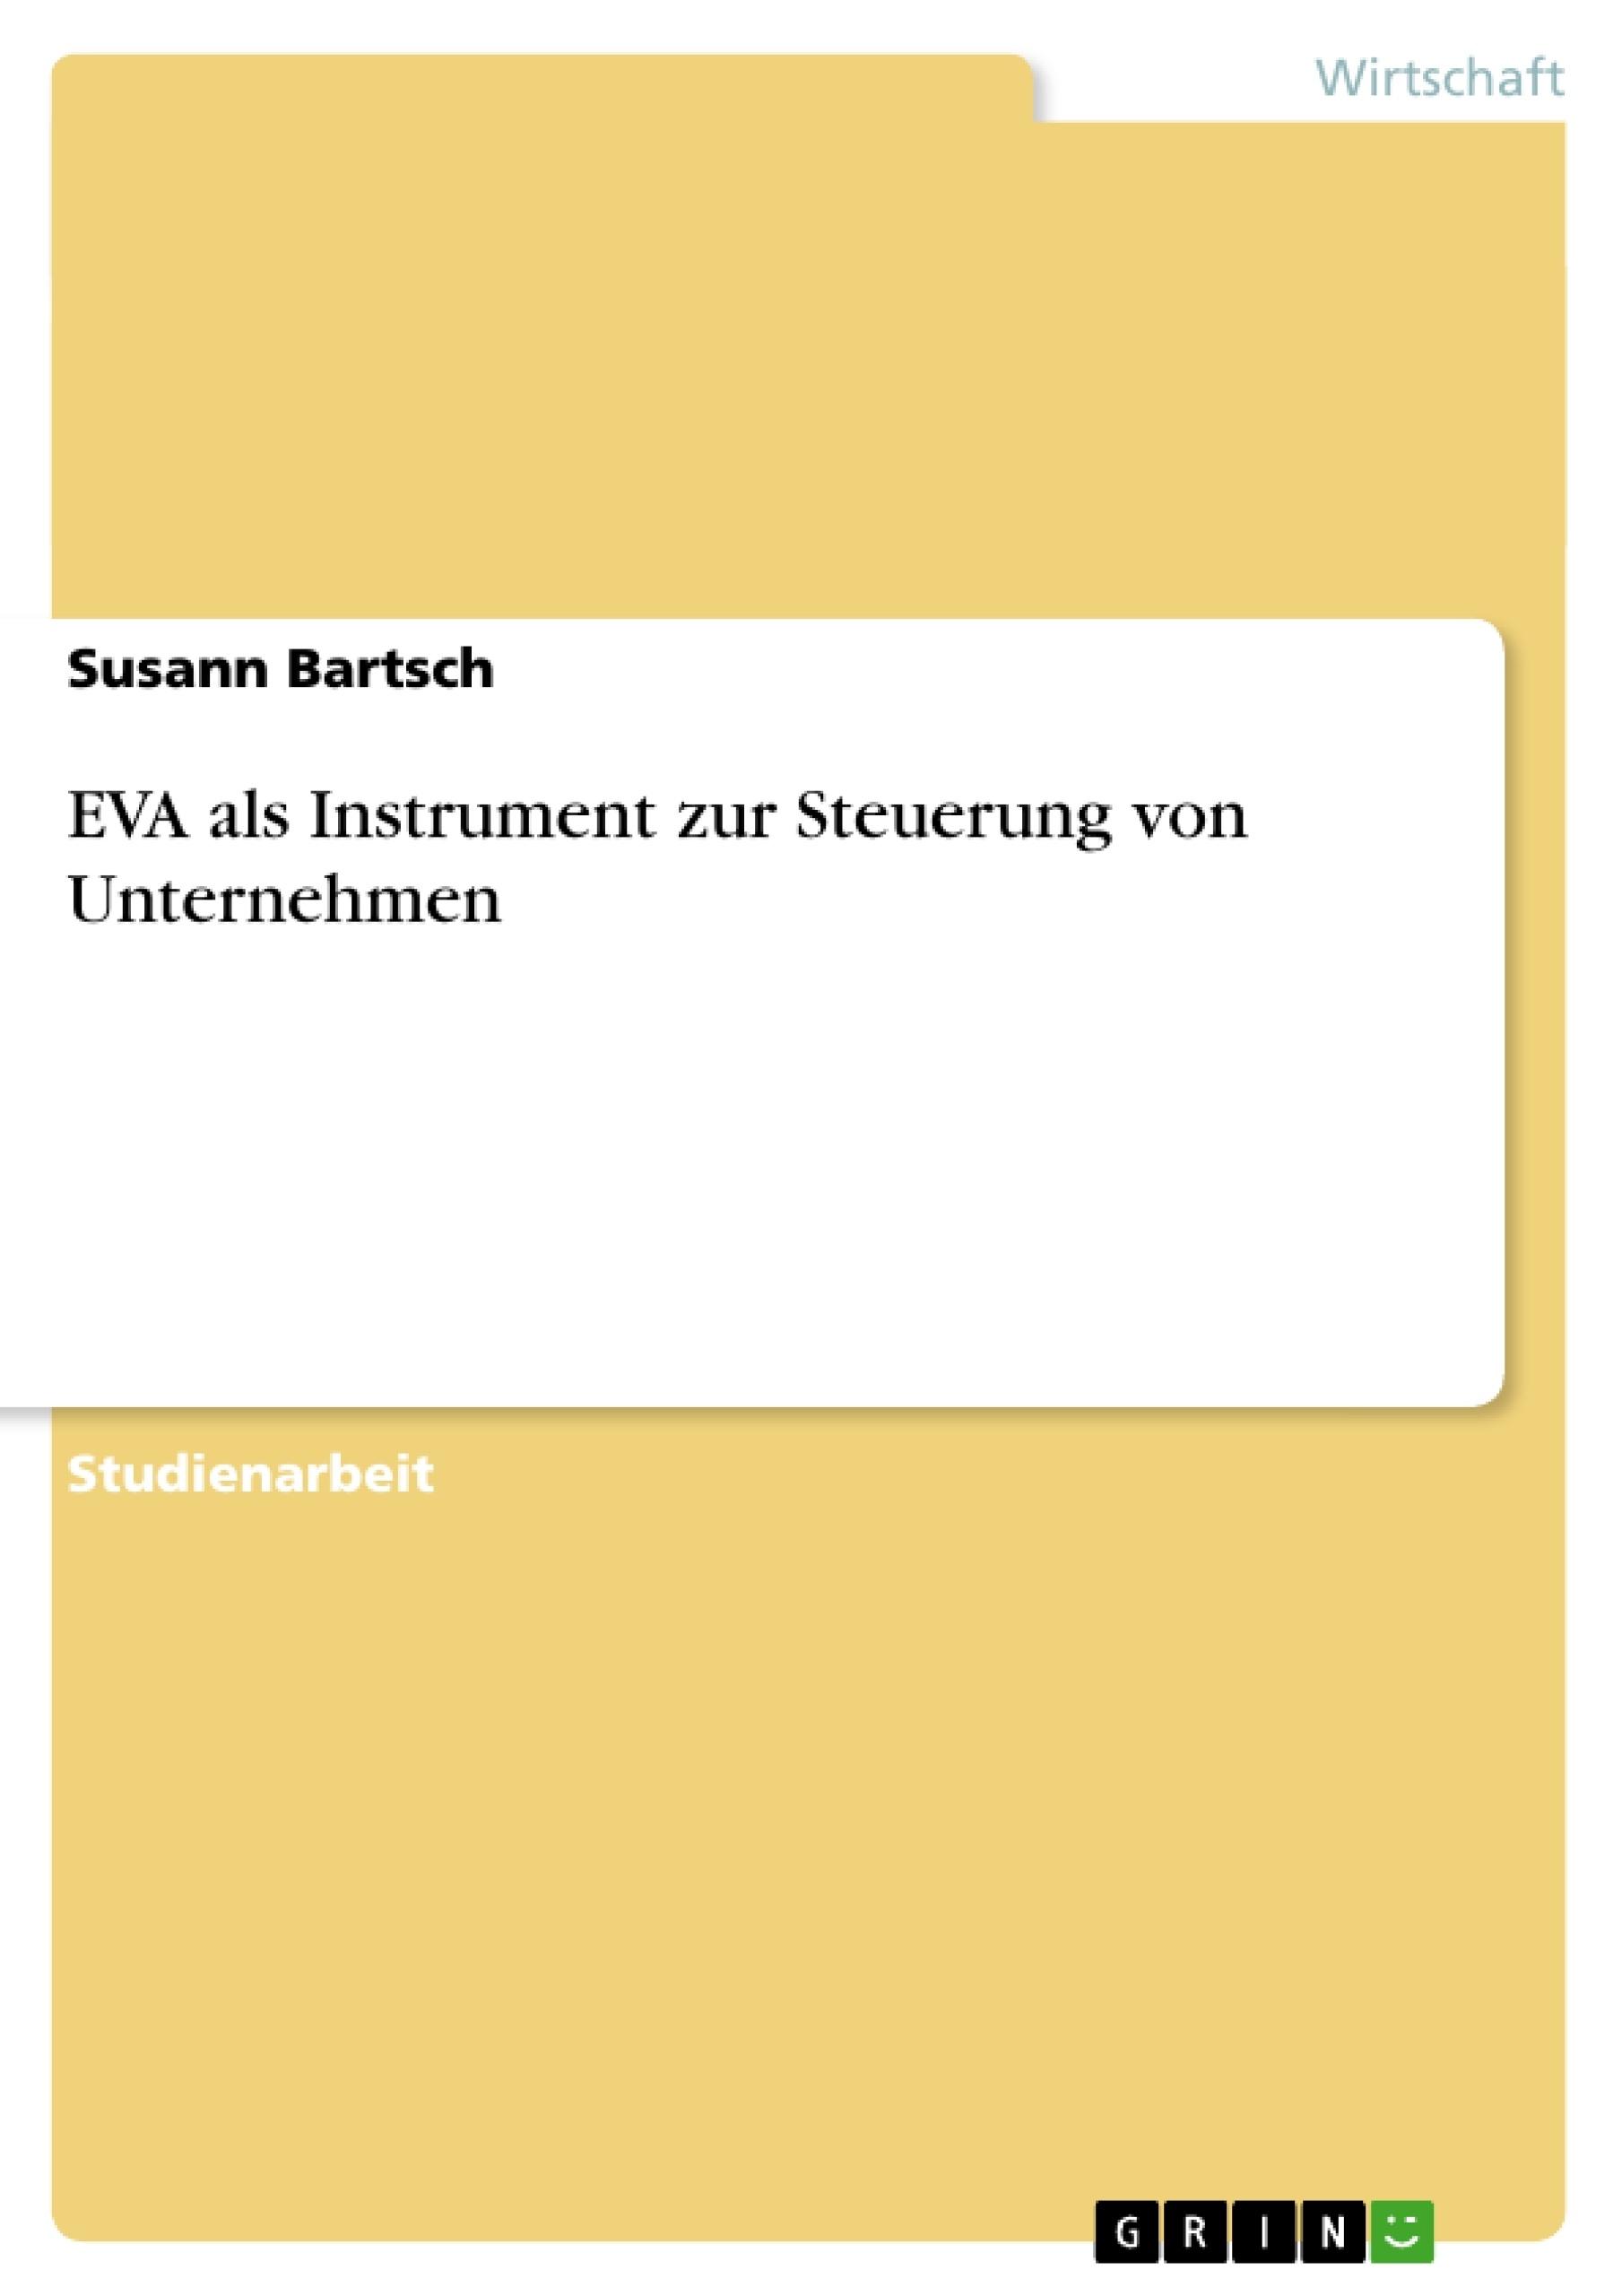 Titel: EVA als Instrument zur Steuerung von Unternehmen